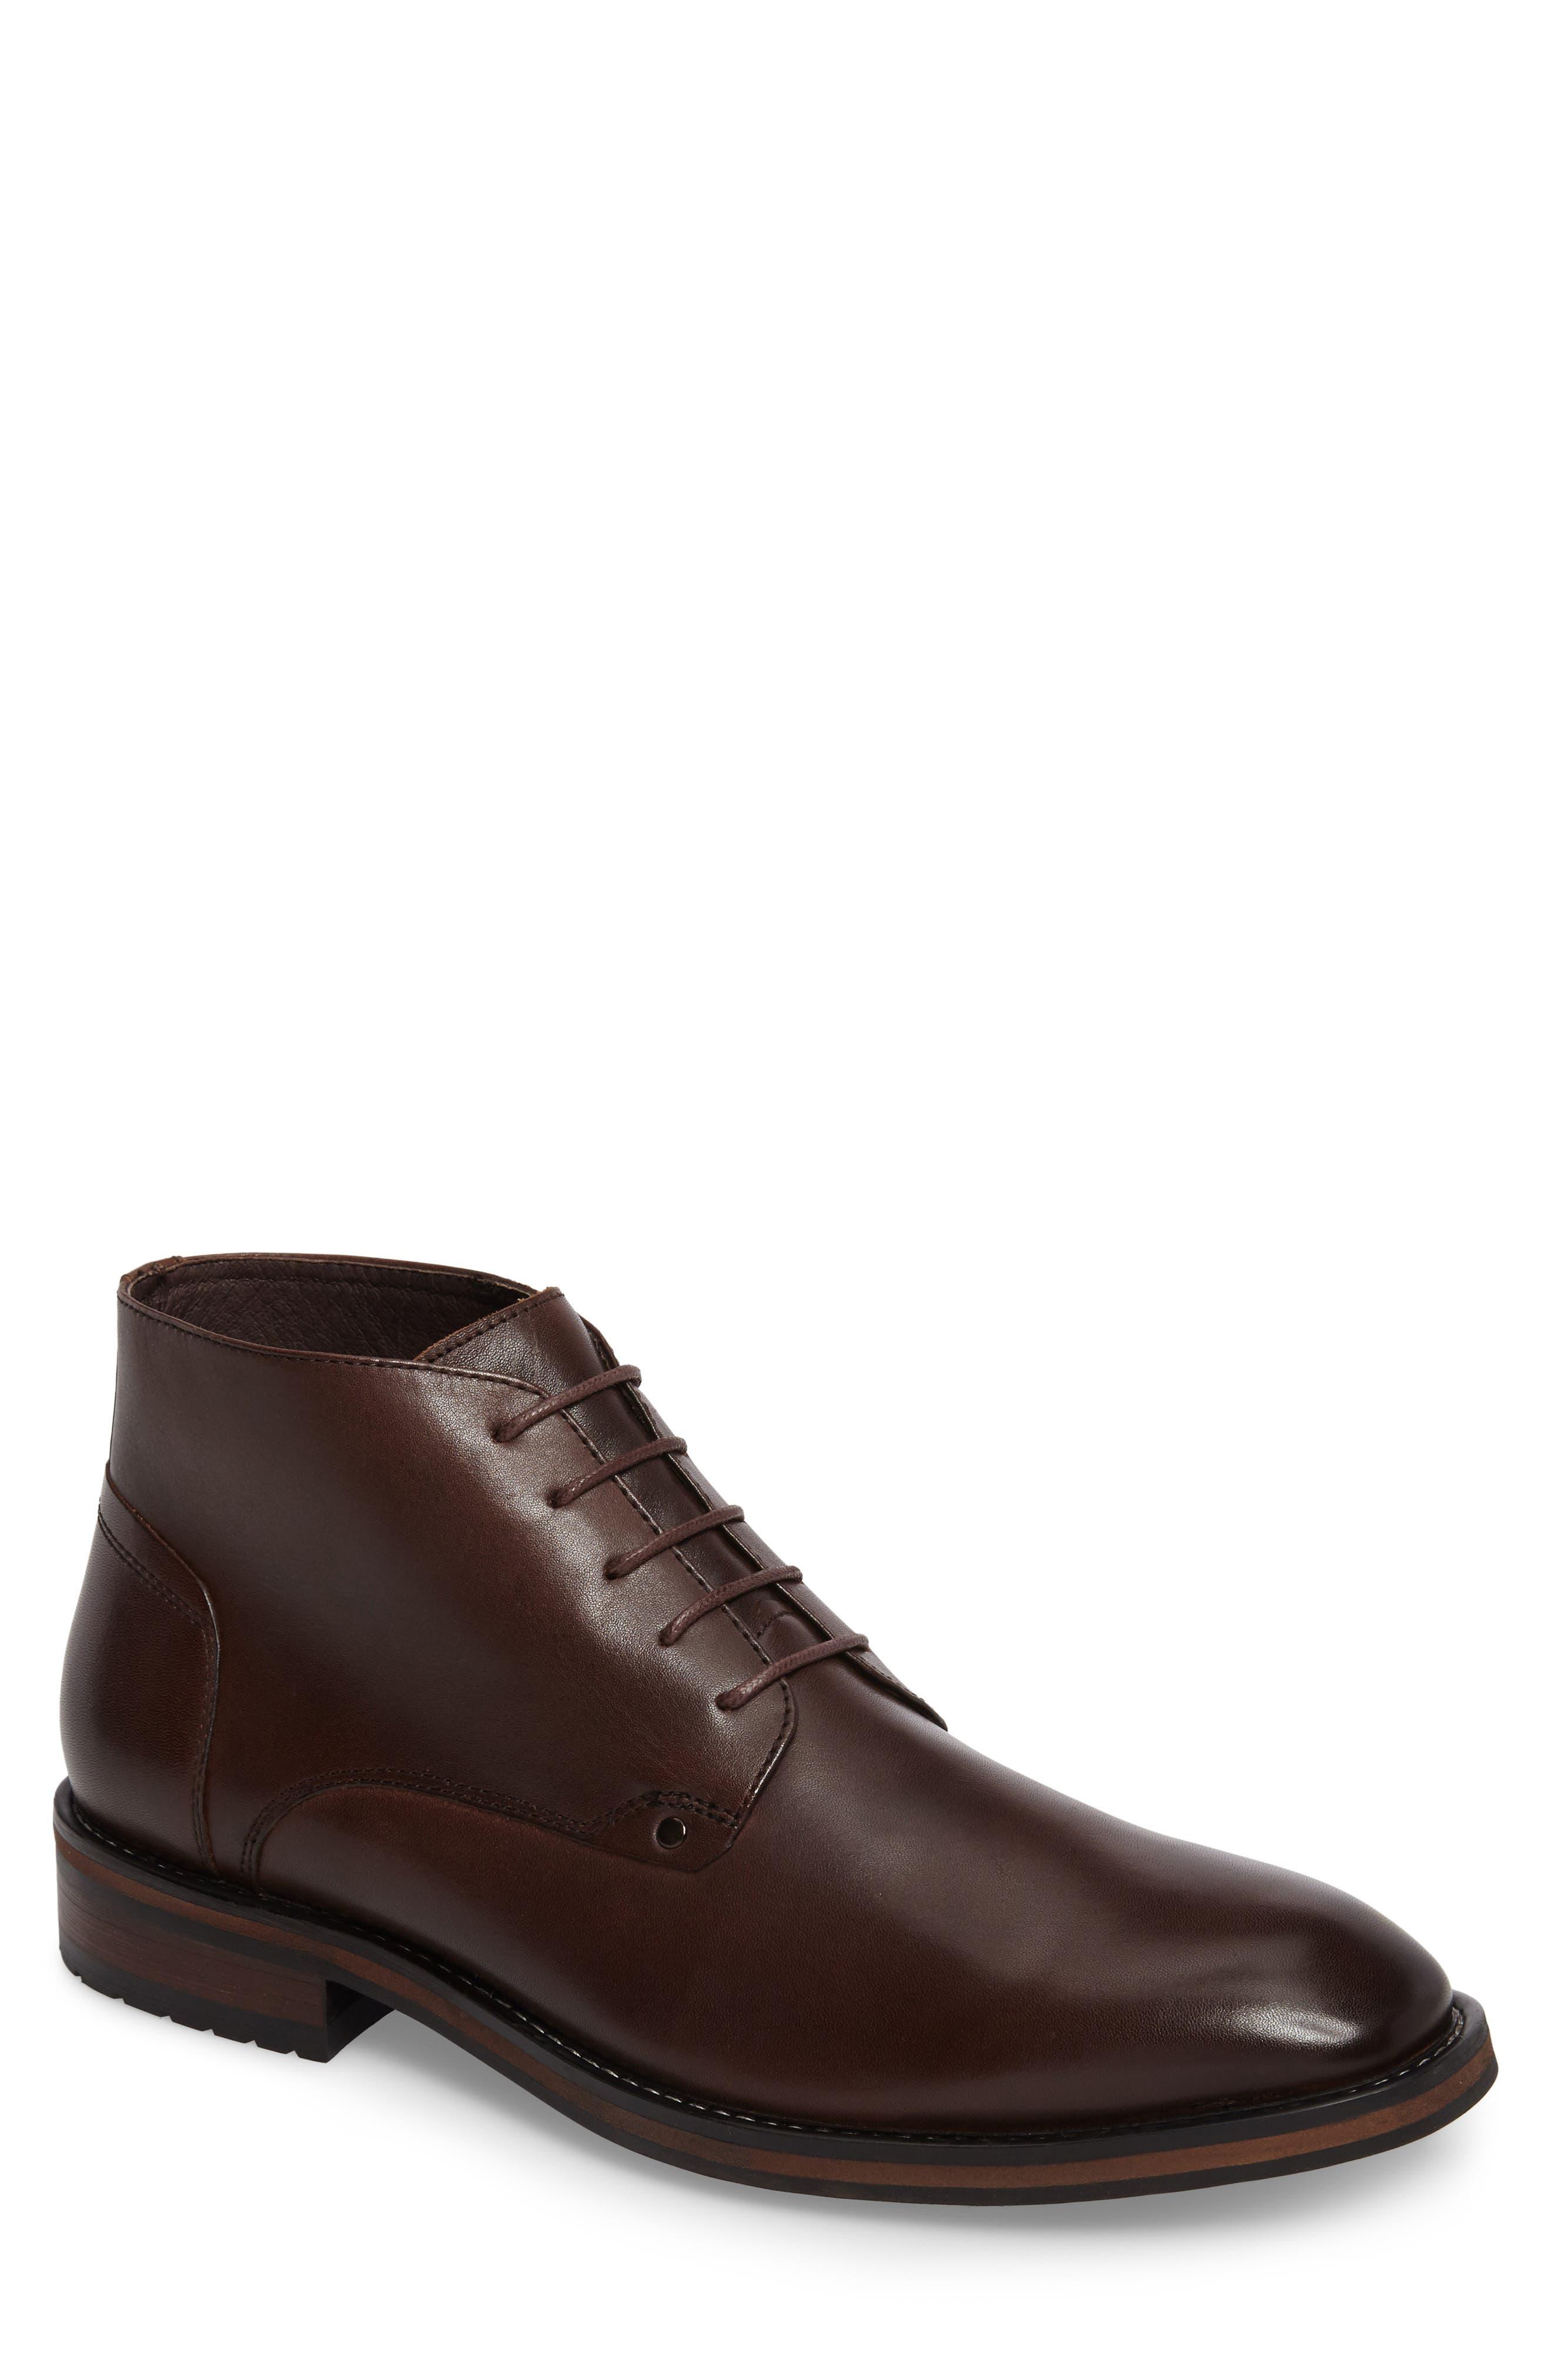 Zanzara Malta Low Boot (Men)